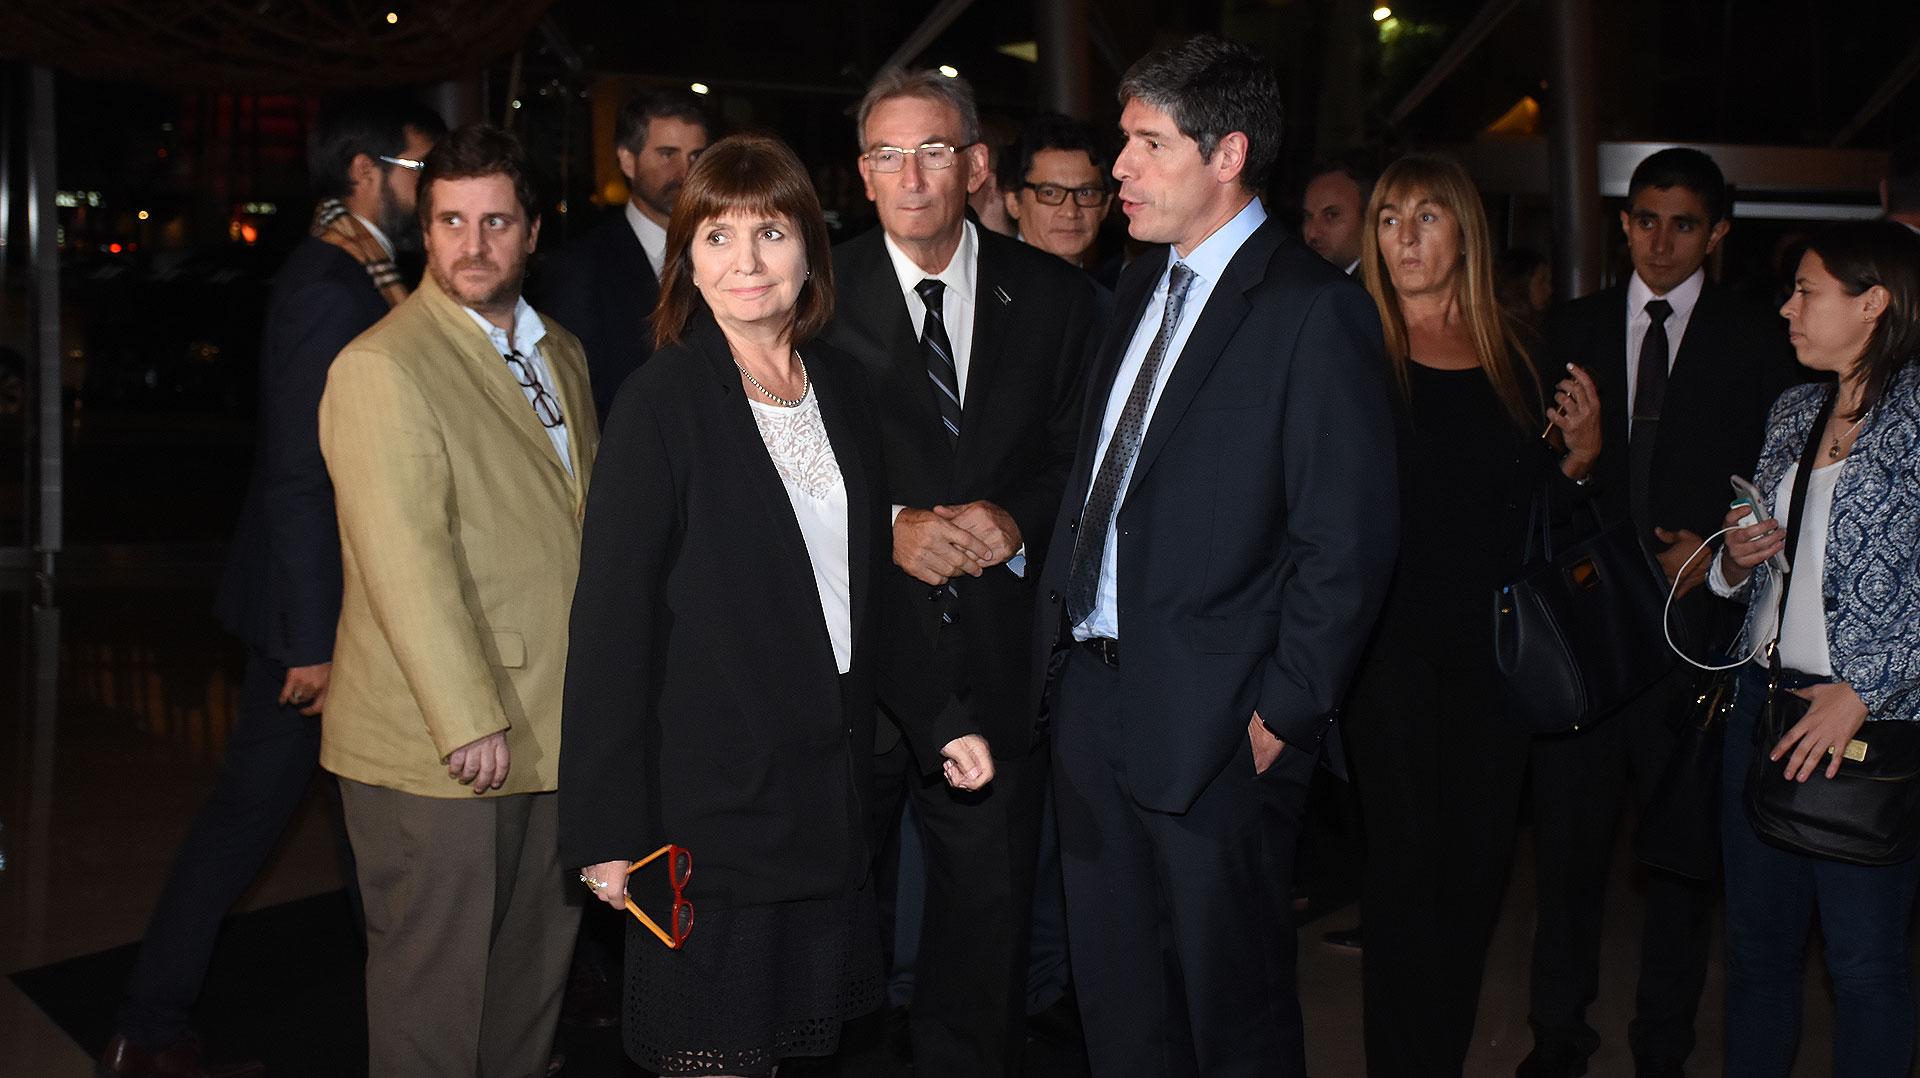 Patricia Bullrich, Guillermo Yanco y Juan Manuel Abal Medina